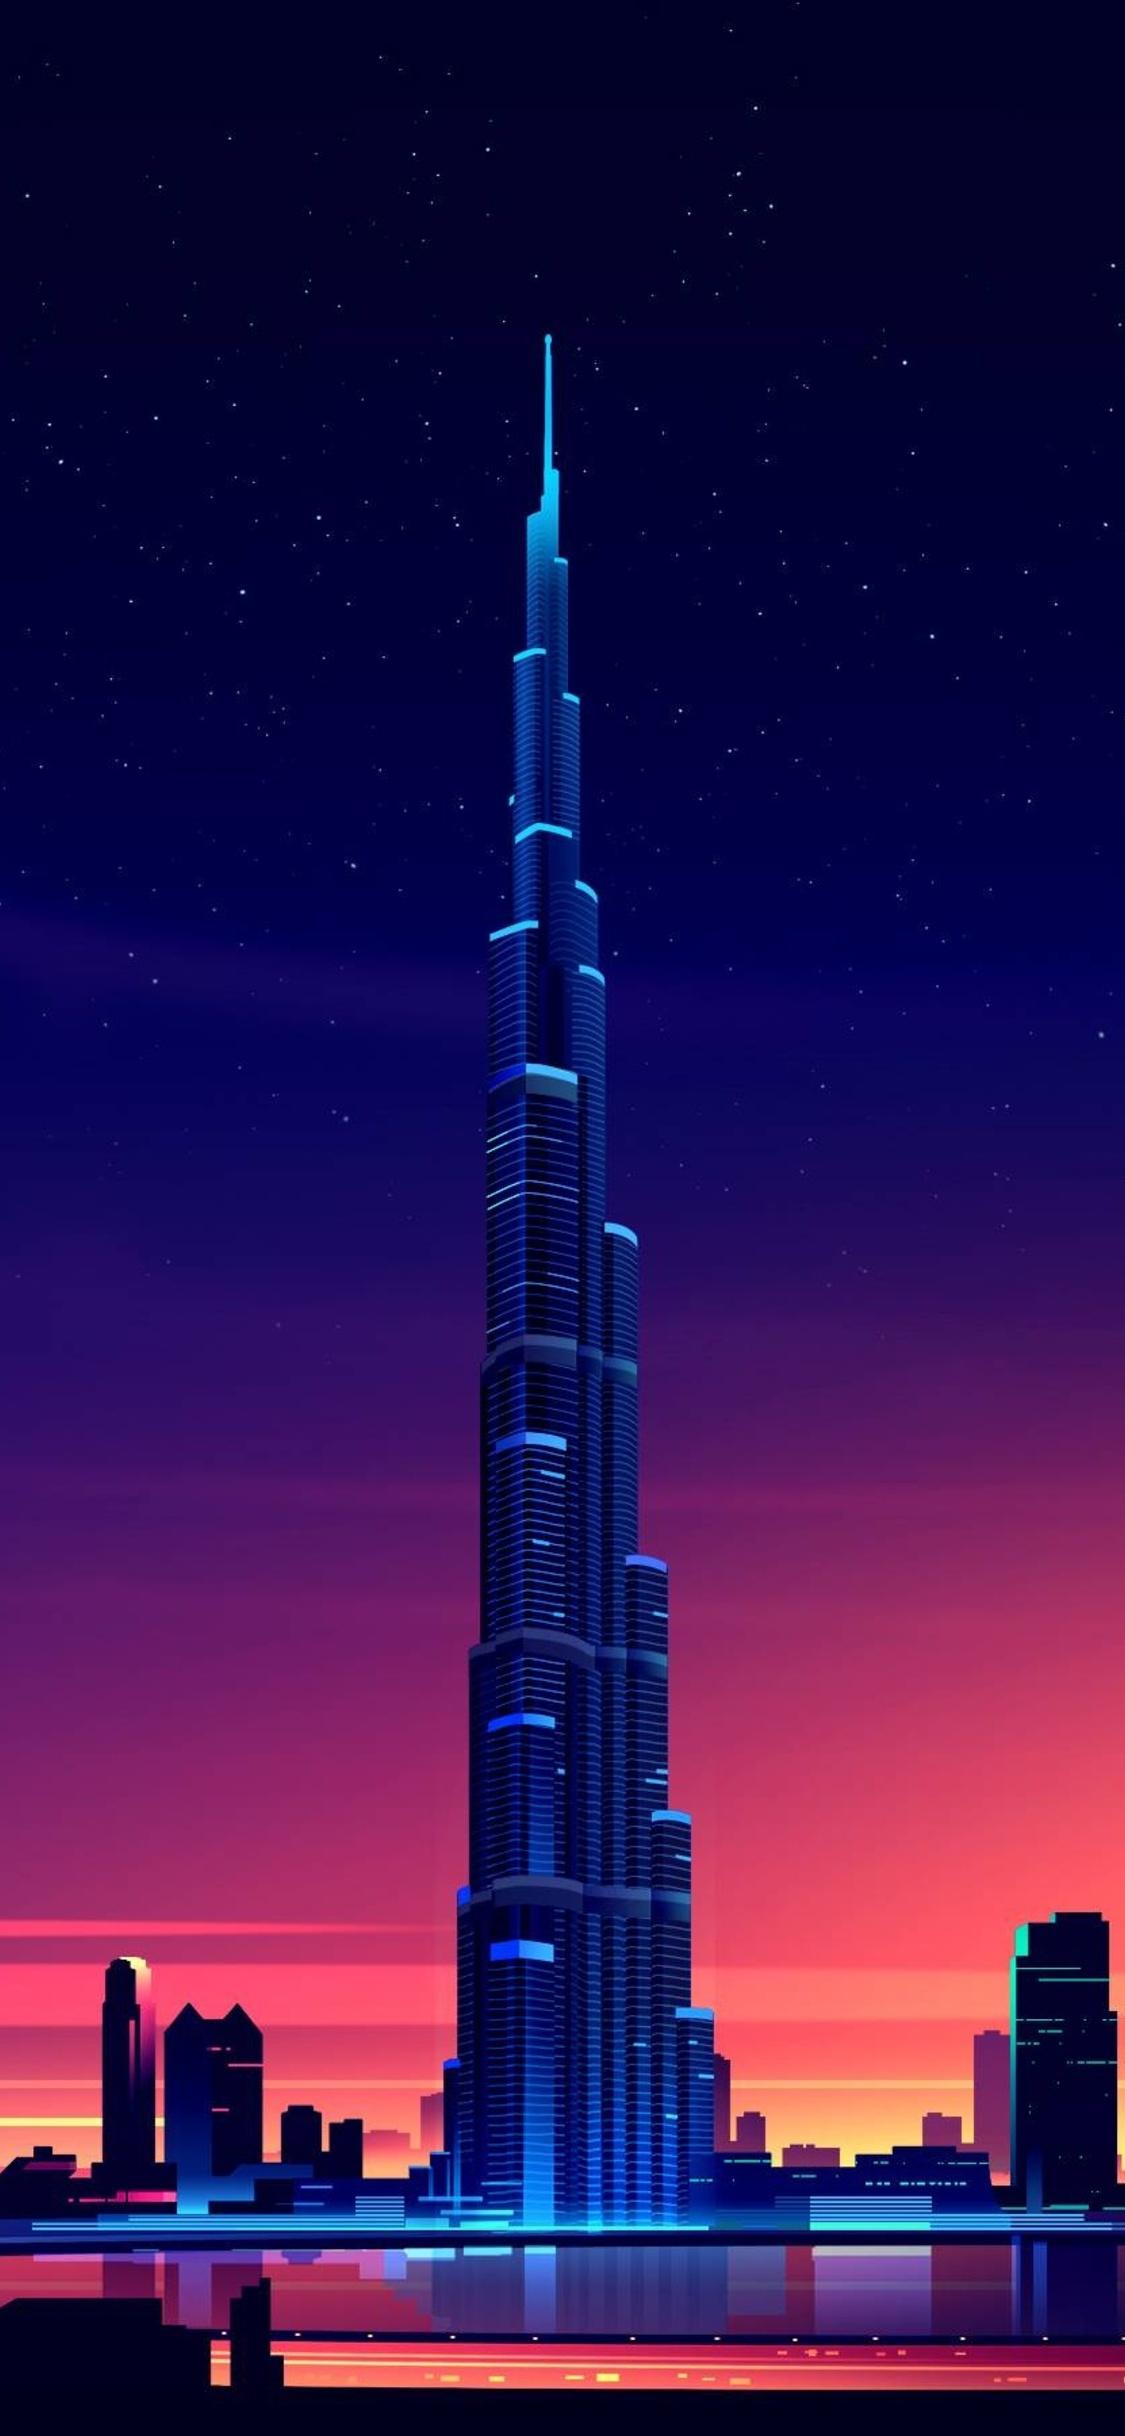 3d Wallpaper Hd Universe 1125x2436 Dubai Burj Khalifa Minimalist Iphone Xs Iphone